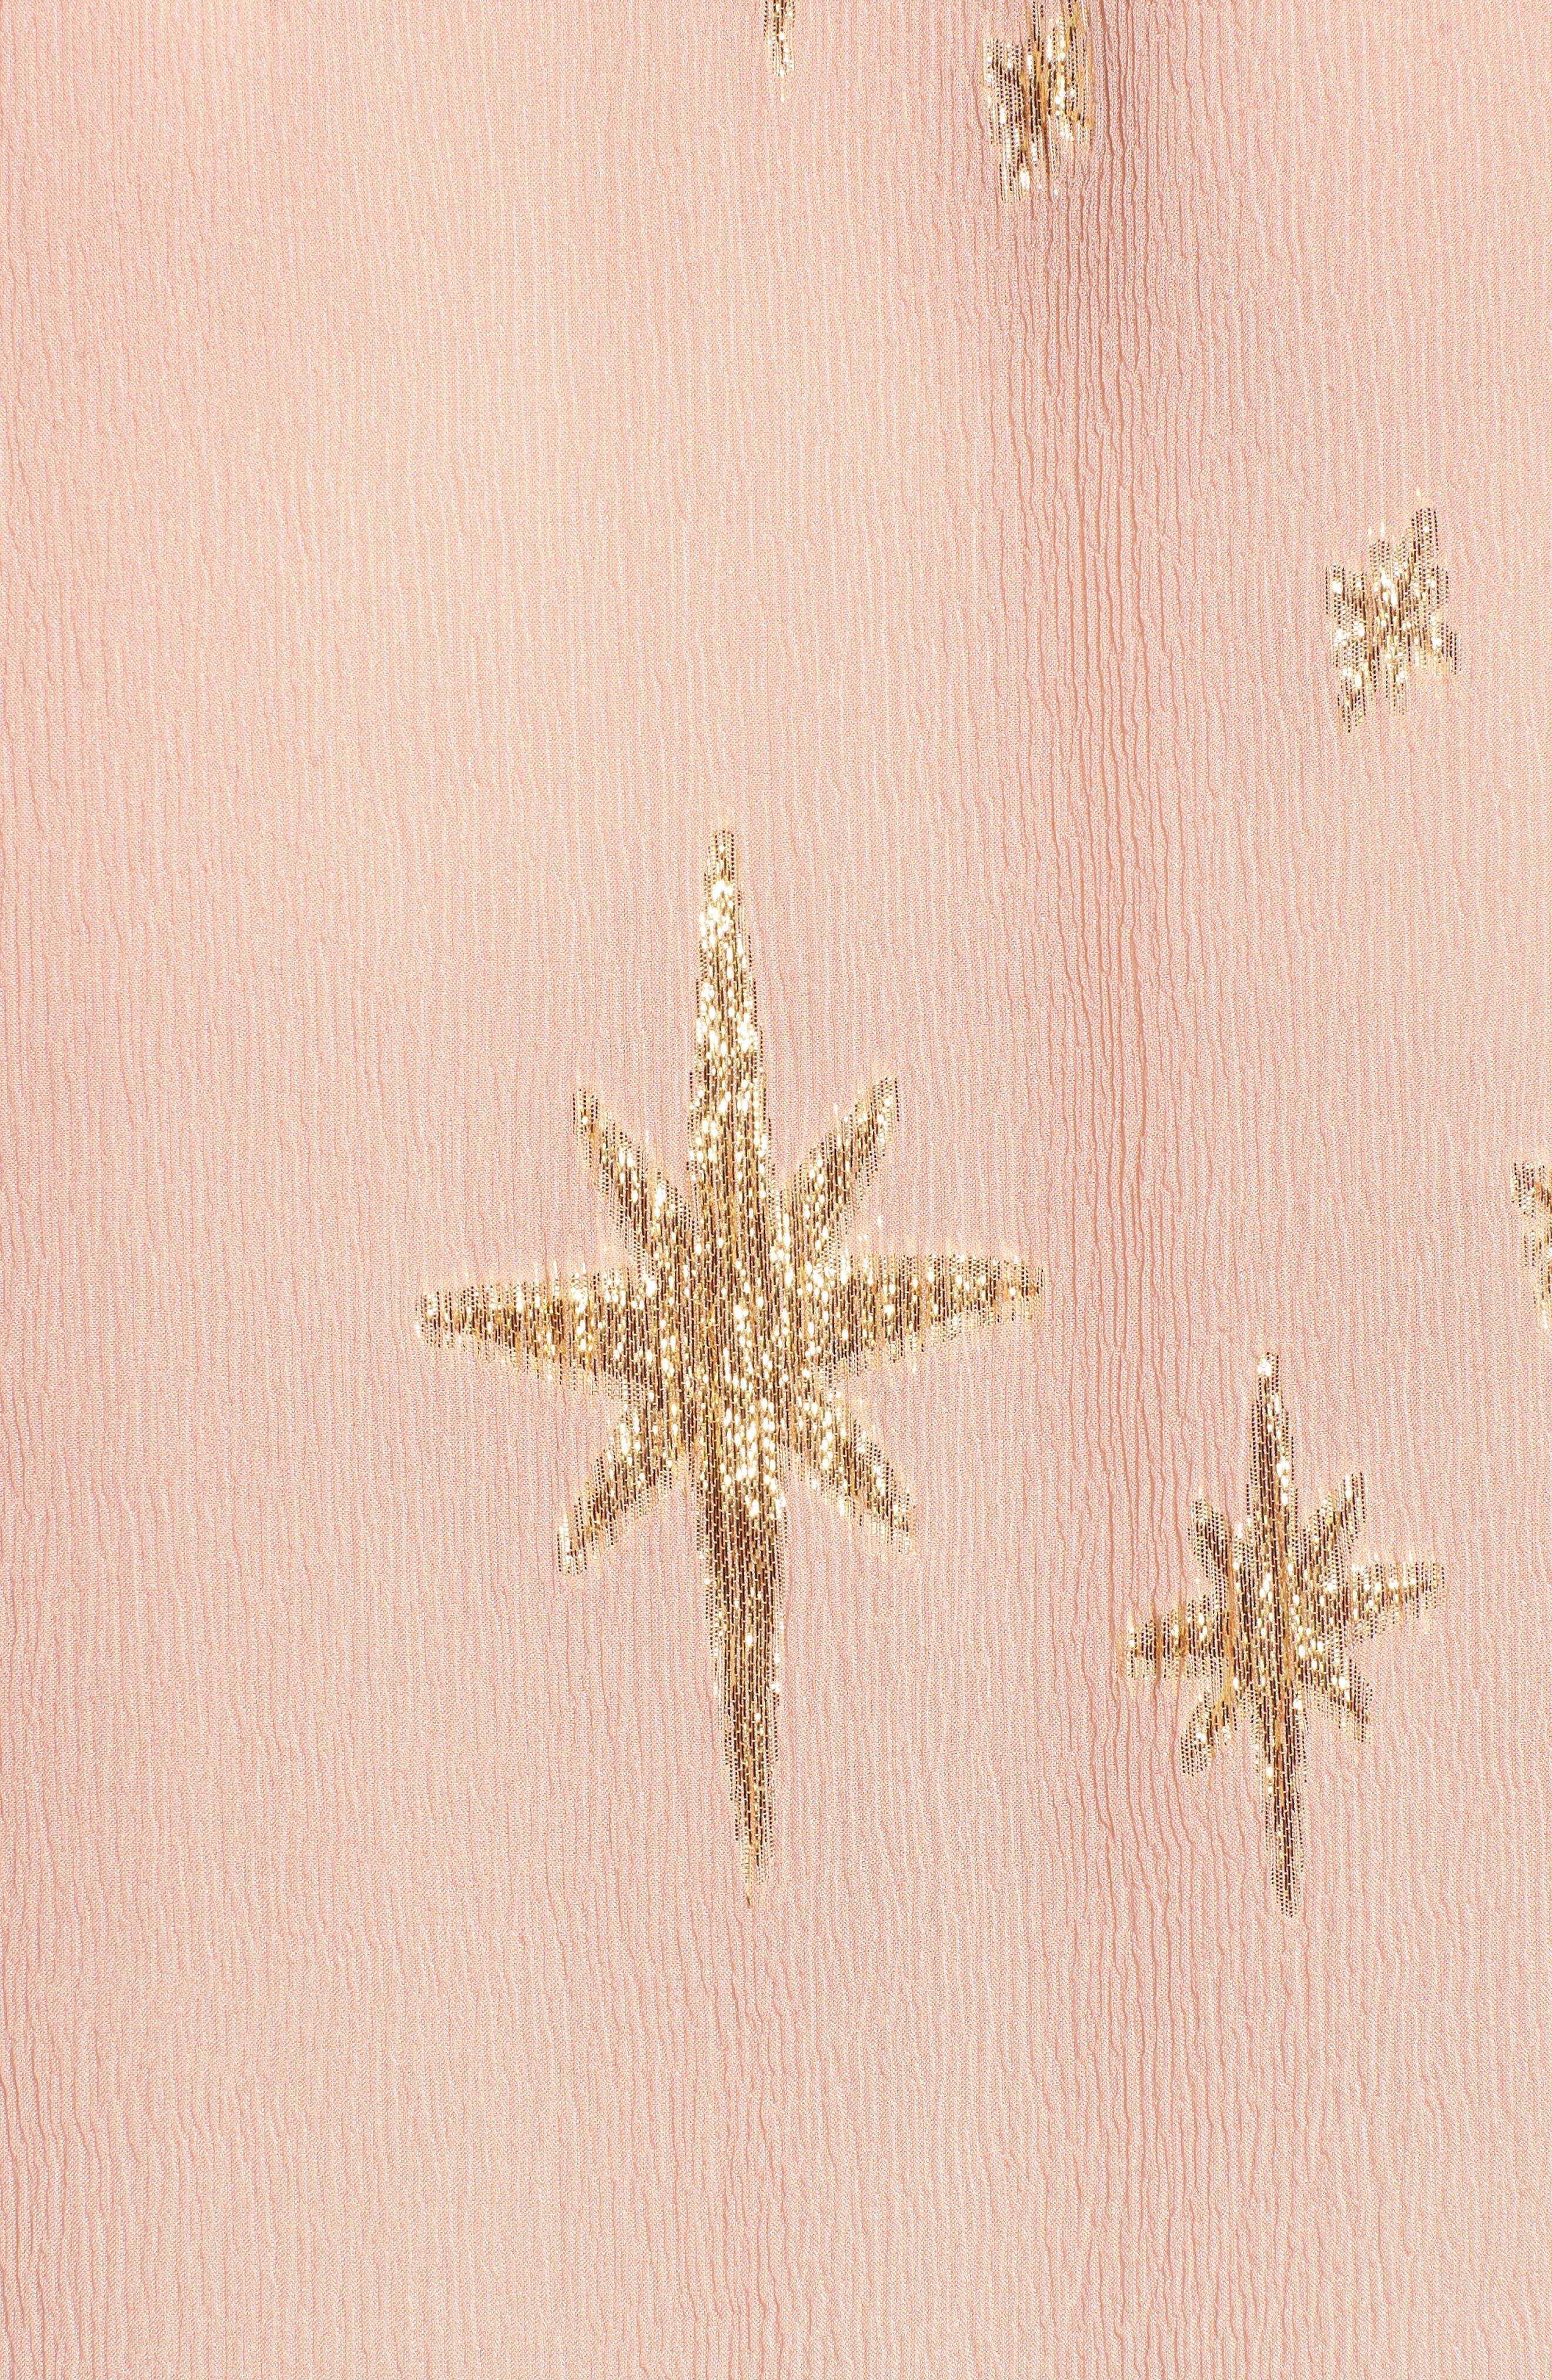 Gilded Star Blouse,                             Alternate thumbnail 5, color,                             Rose Gold